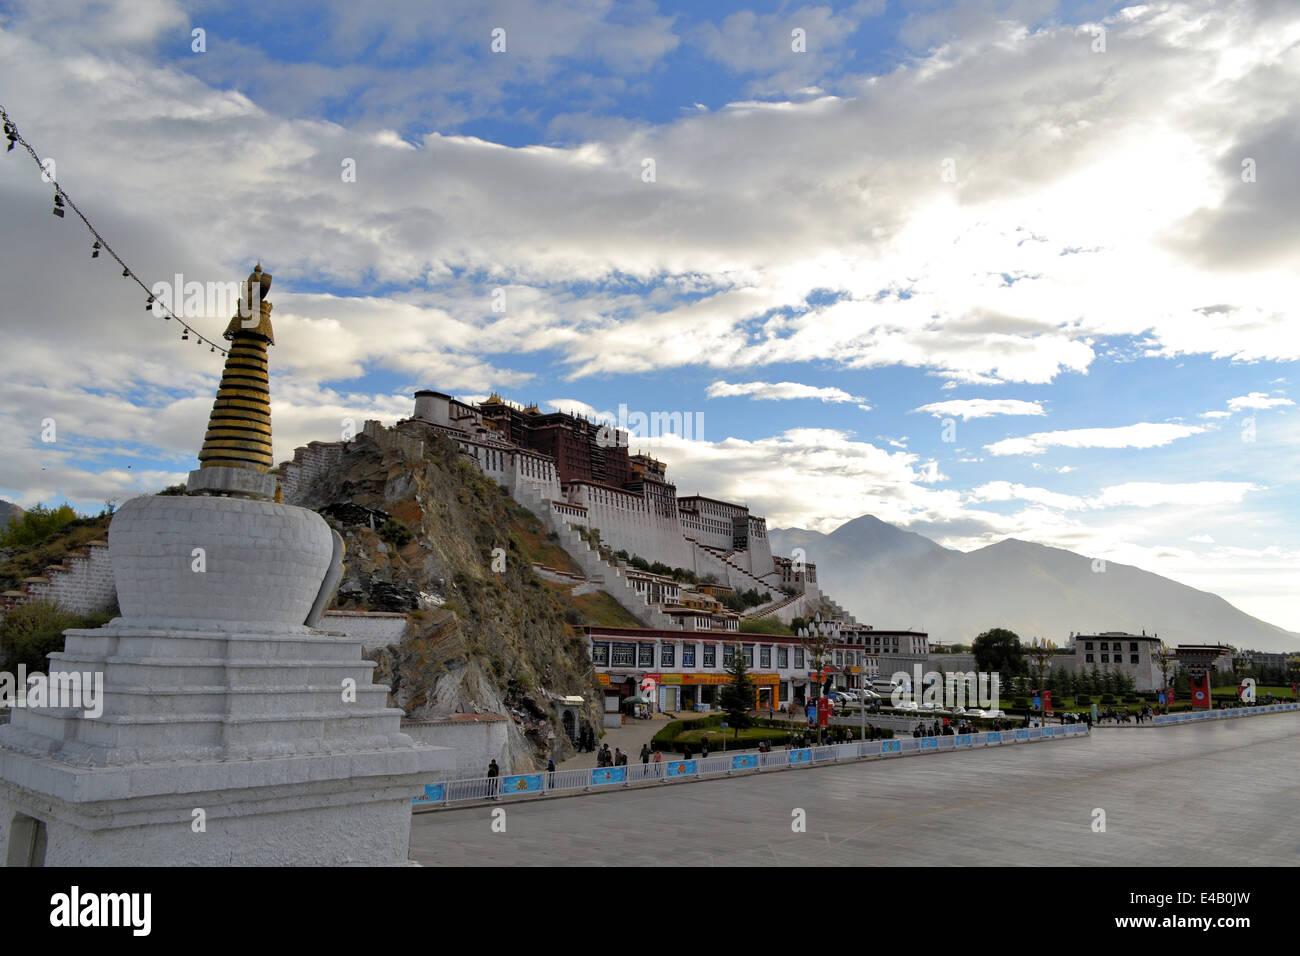 Buddhist stupa and Potala palace in Tibet - Stock Image